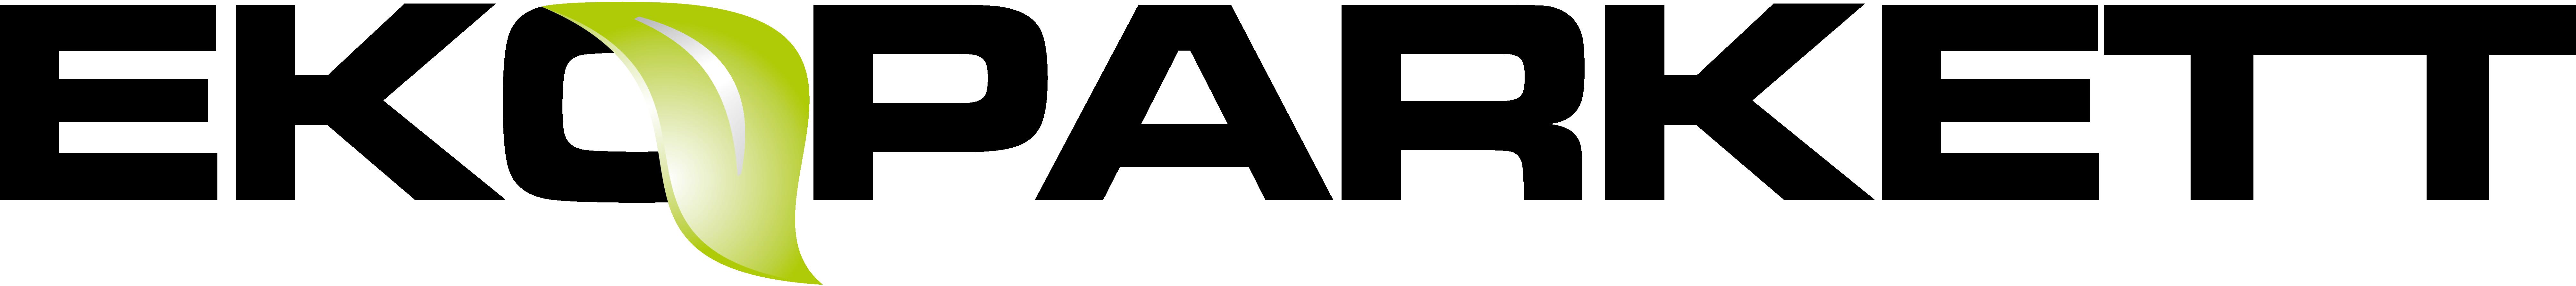 Ekoparket